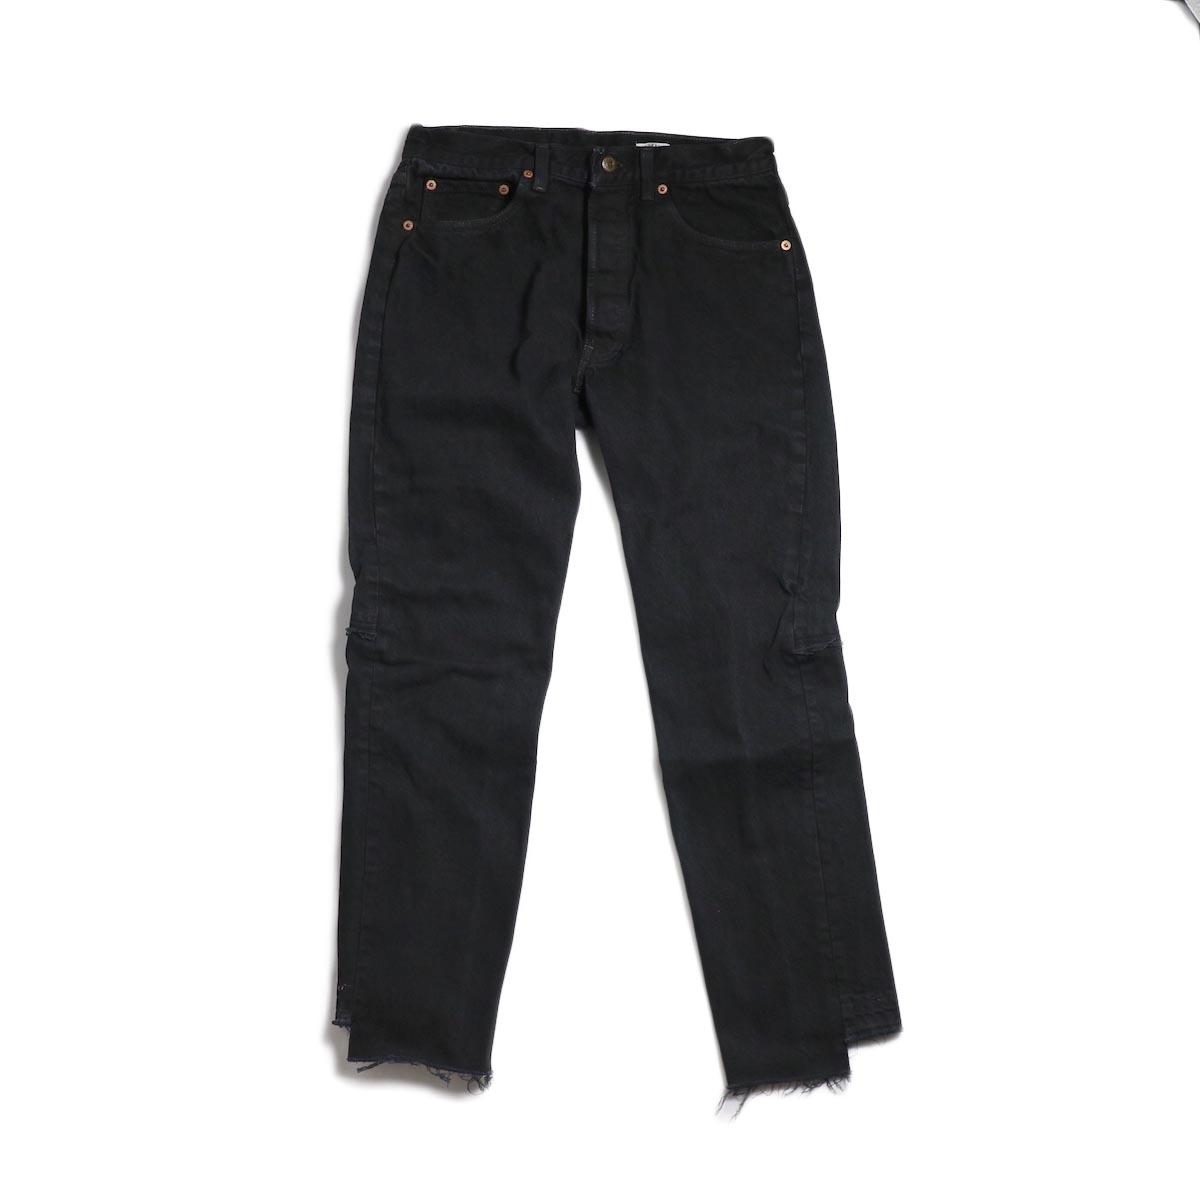 OLD PARK / Back Flare Jeans -Black Msize (C)